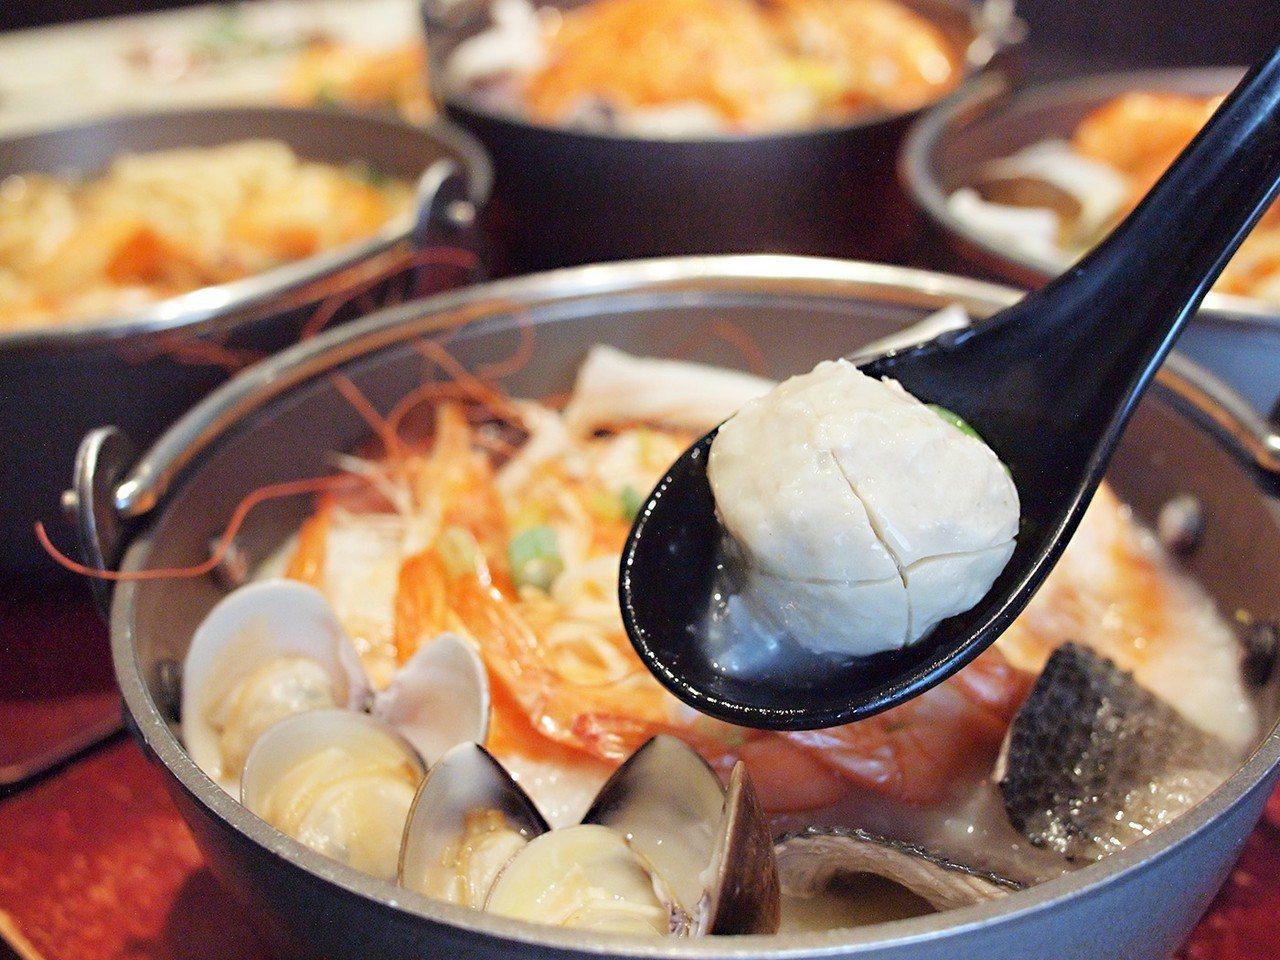 (圖/台灣旅行趣) ▲台南學甲的虱目魚丸,用料實在,是老闆從小吃到大的家鄉味。